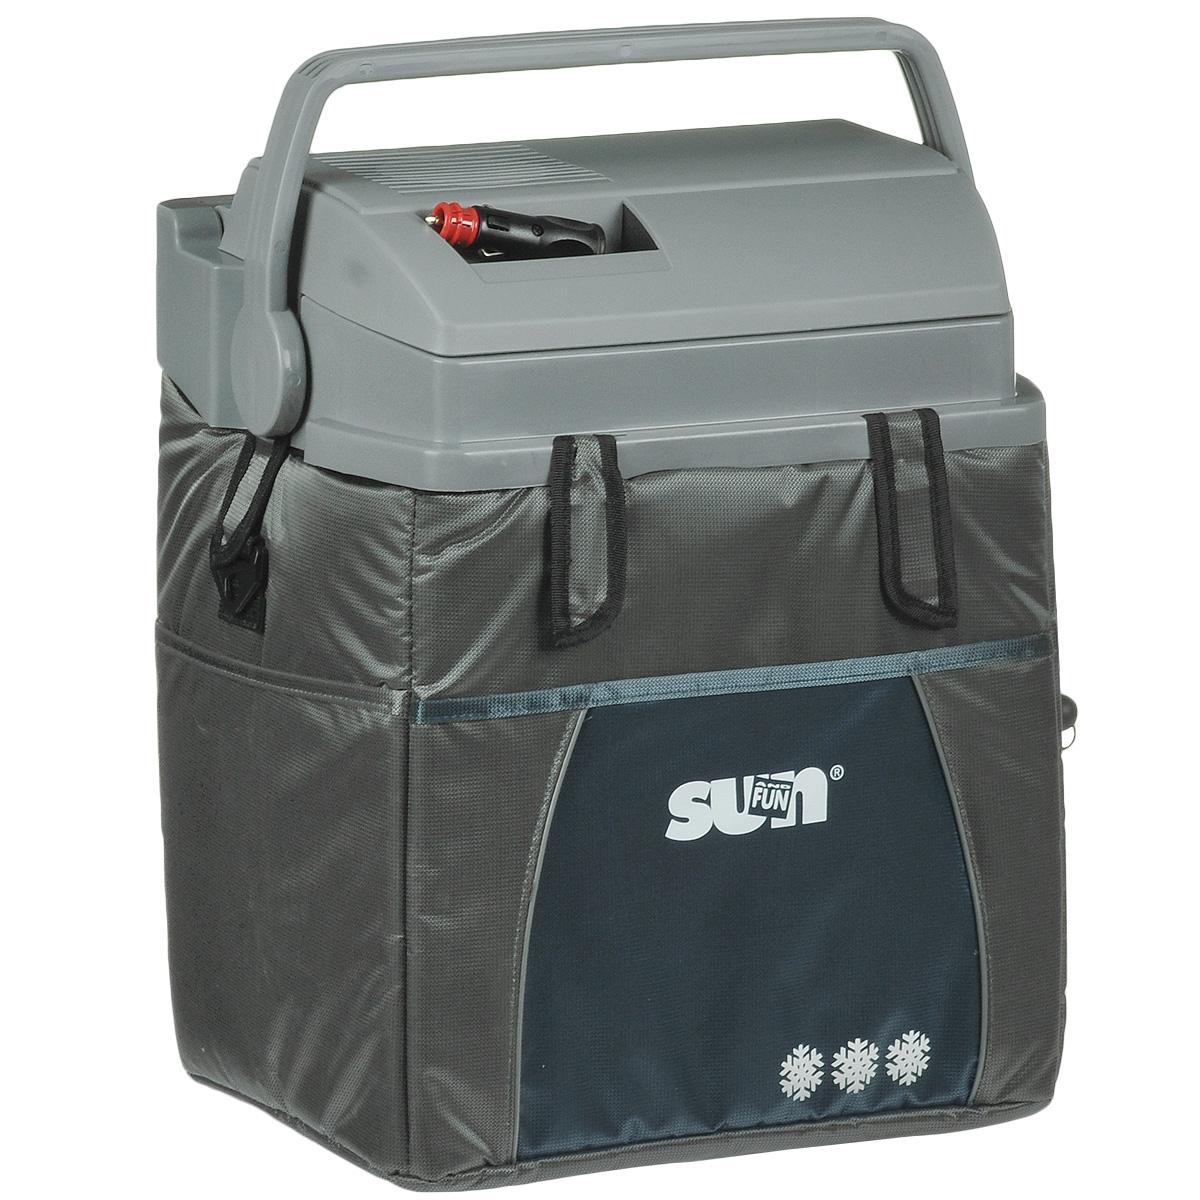 Термоэлектрический контейнер охлаждения Ezetil ESC 21 Sun & Fun 12V, цвет: серый, 19,6 л875541Термоэлектрический контейнер охлаждения Ezetil предназначен для использования в салоне автомобиля в качестве портативного холодильника. Контейнер выполнен из высококачественного пластика, корпус гладкий, эргономичного дизайна, ударопрочный; отделан прочной, легко моющейся тканью с боковыми карманами. Принцип действия термоэлектрического контейнера (холодильника) основан на свойстве полупроводниковых пластин, это свойство получило название эффект Пельтье. При протекании тока через полупроводниковую пластину одна сторона ее охлаждается (этой стороной пластина обращена внутрь контейнера), другая сторона - нагревается (эта сторона обращена наружу и охлаждается вентилятором). Дополнительный внутренний вентилятор в холодильной камере обеспечивает быстрое и равномерное охлаждение. Мощная, не нуждающаяся в техобслуживании охлаждающая система Peltier гарантирует оптимальную мощность охлаждения. Модель оснащена интеллектуальной системой энергосбережения. Изоляция с наполнителем...